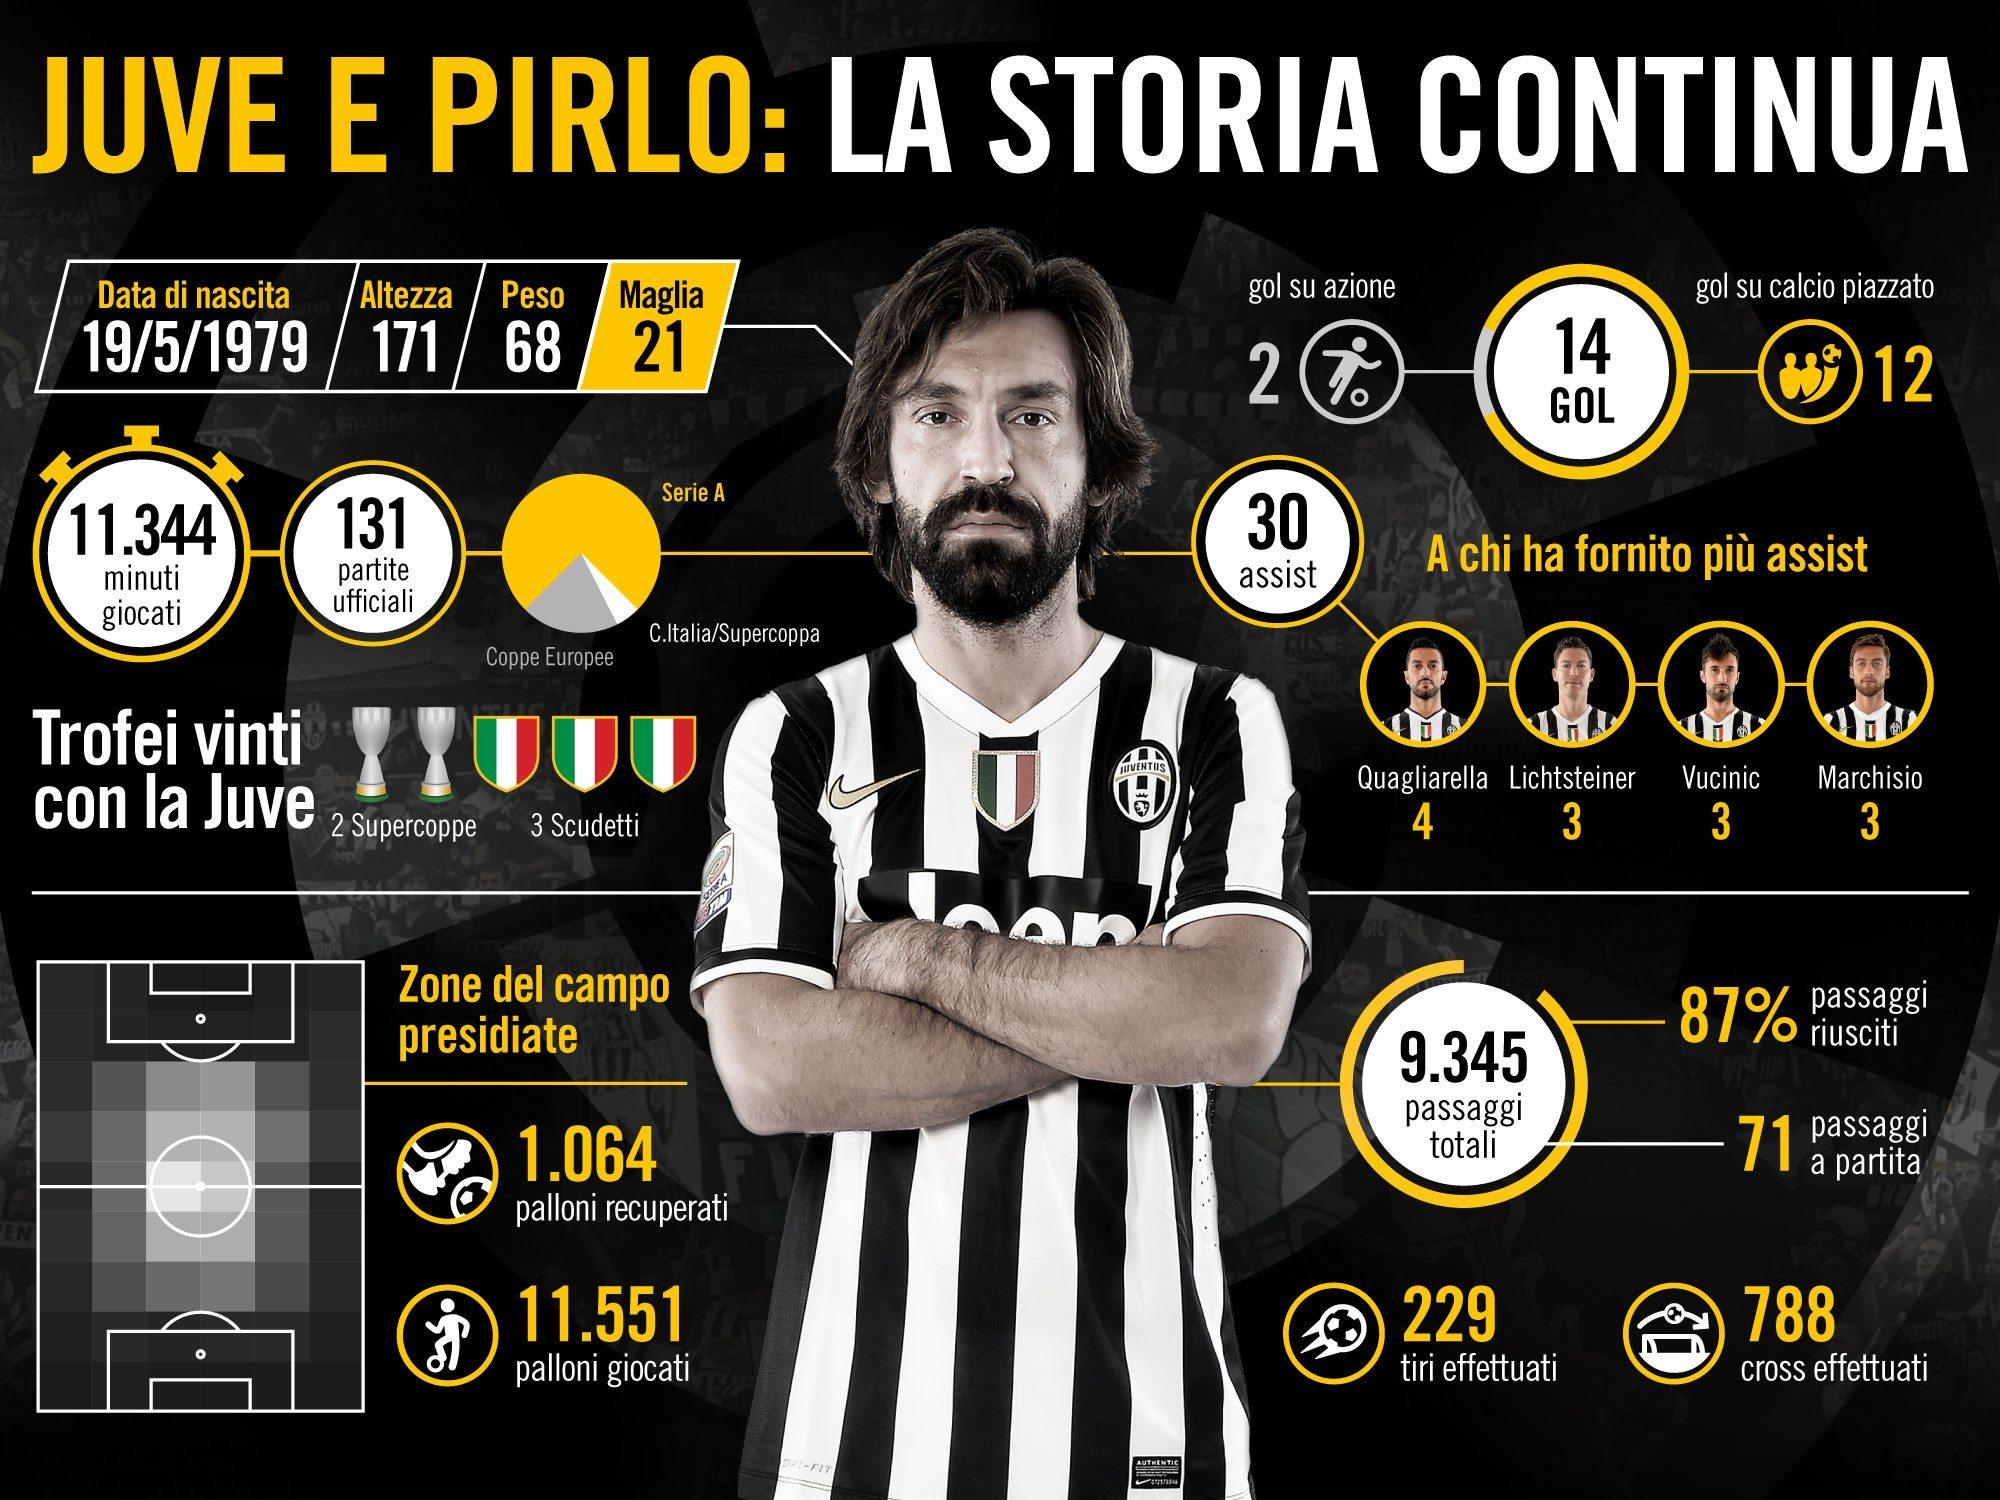 pirlo_infographic_ITA